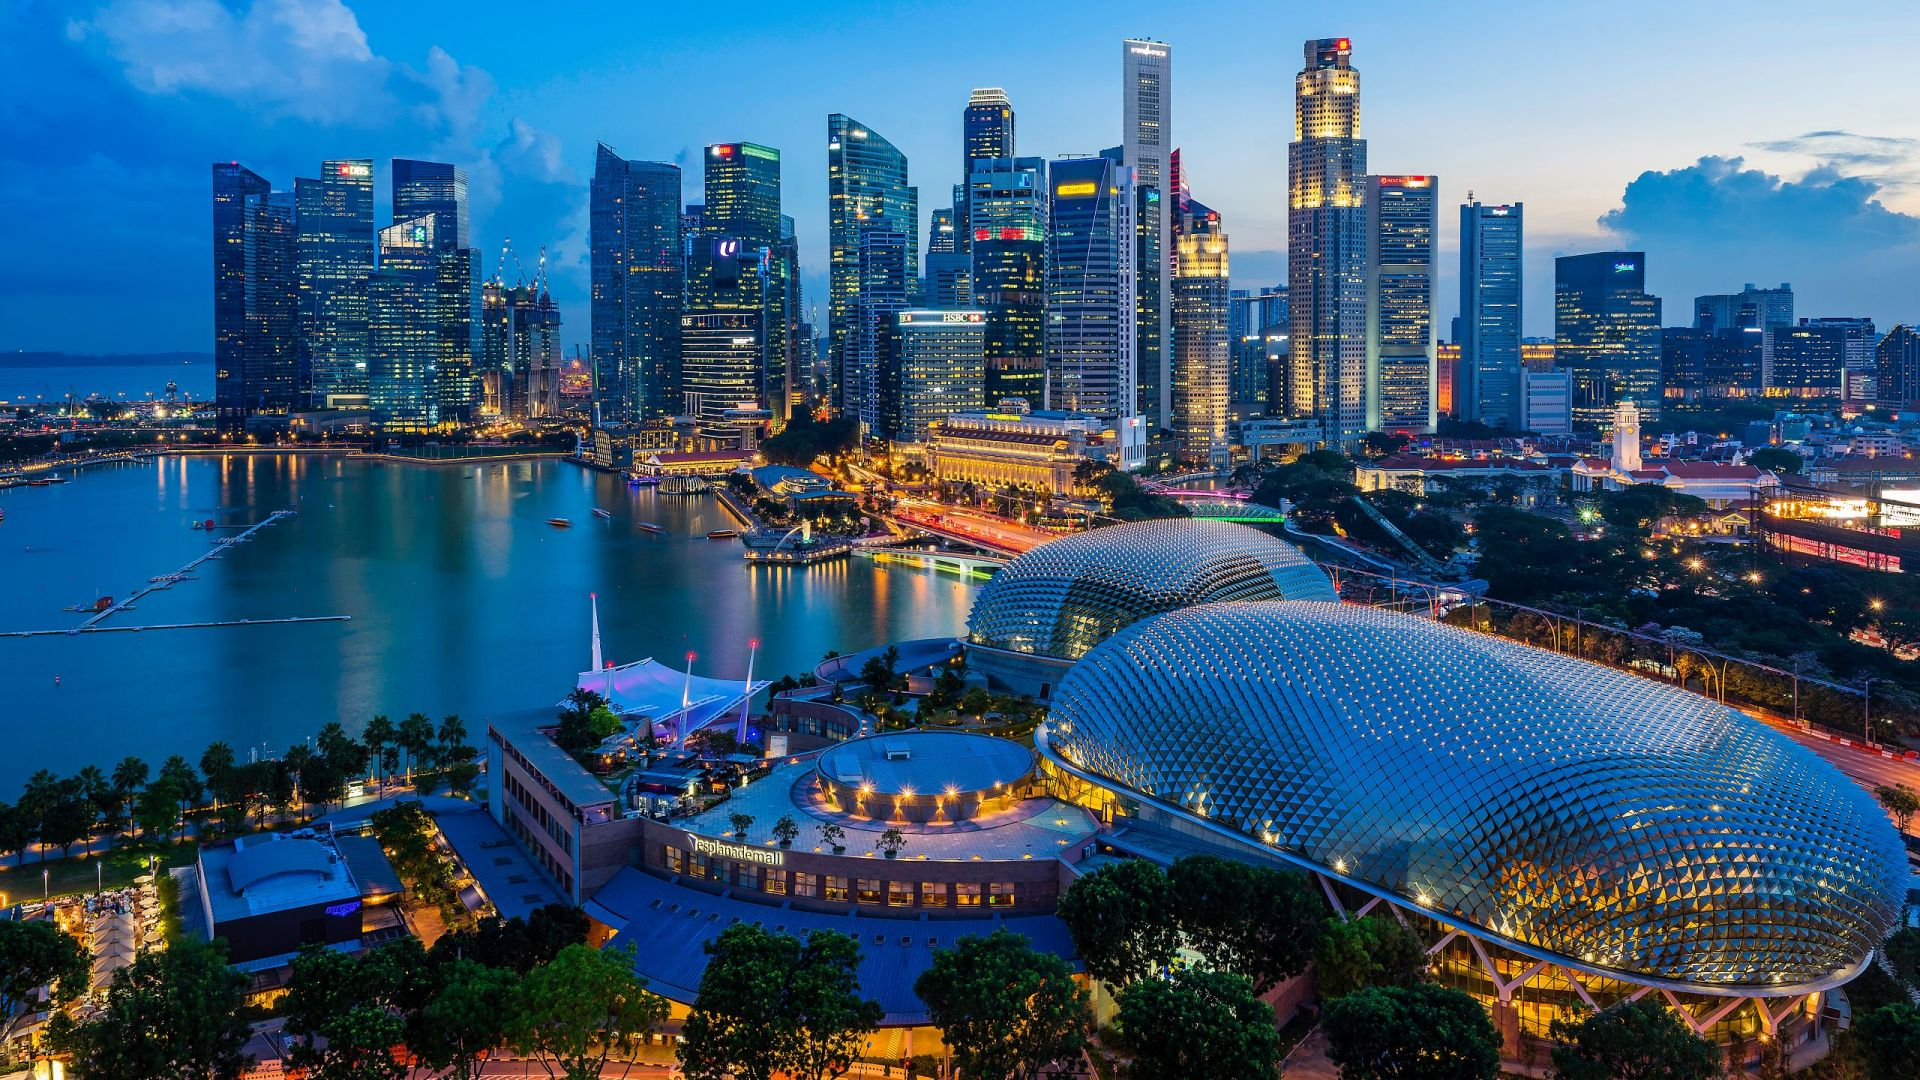 Grand-Hyatt-Singapore-P615-Esplanade.16x9.adapt.1920.1080